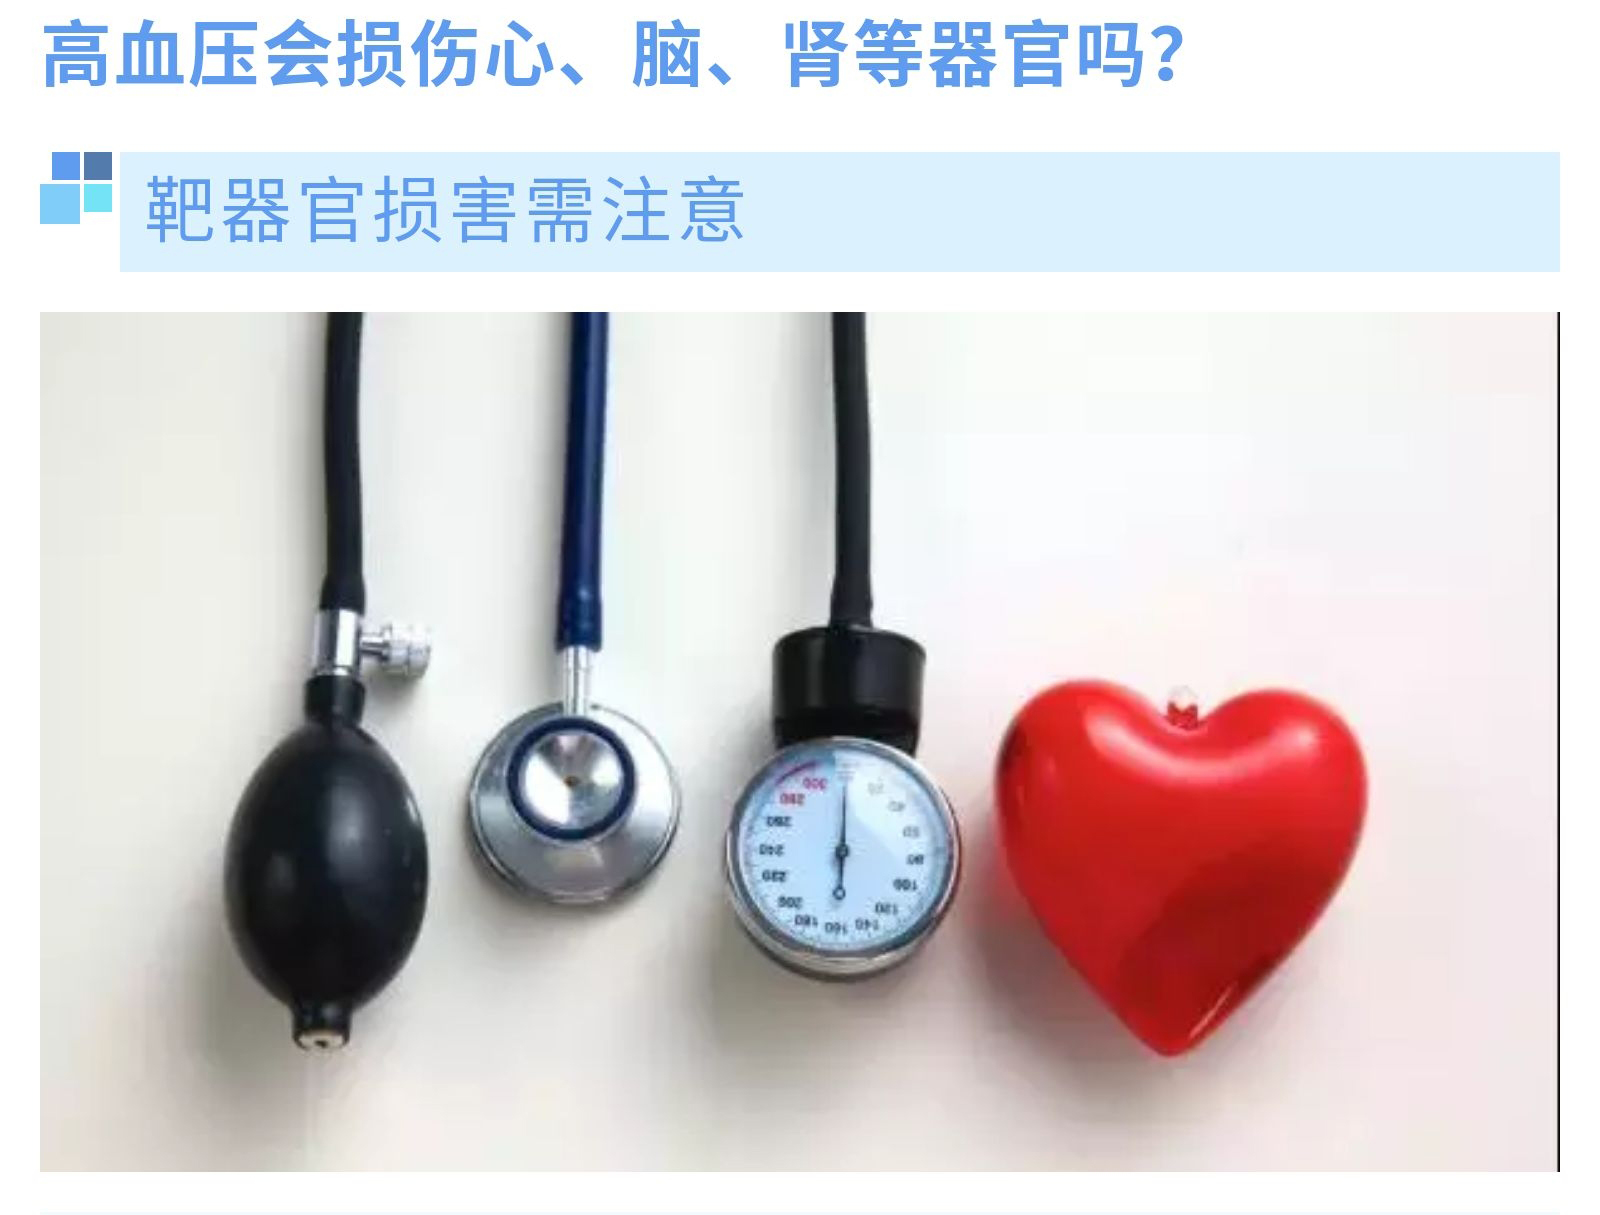 高血压会损伤心、脑、肾等器官吗?